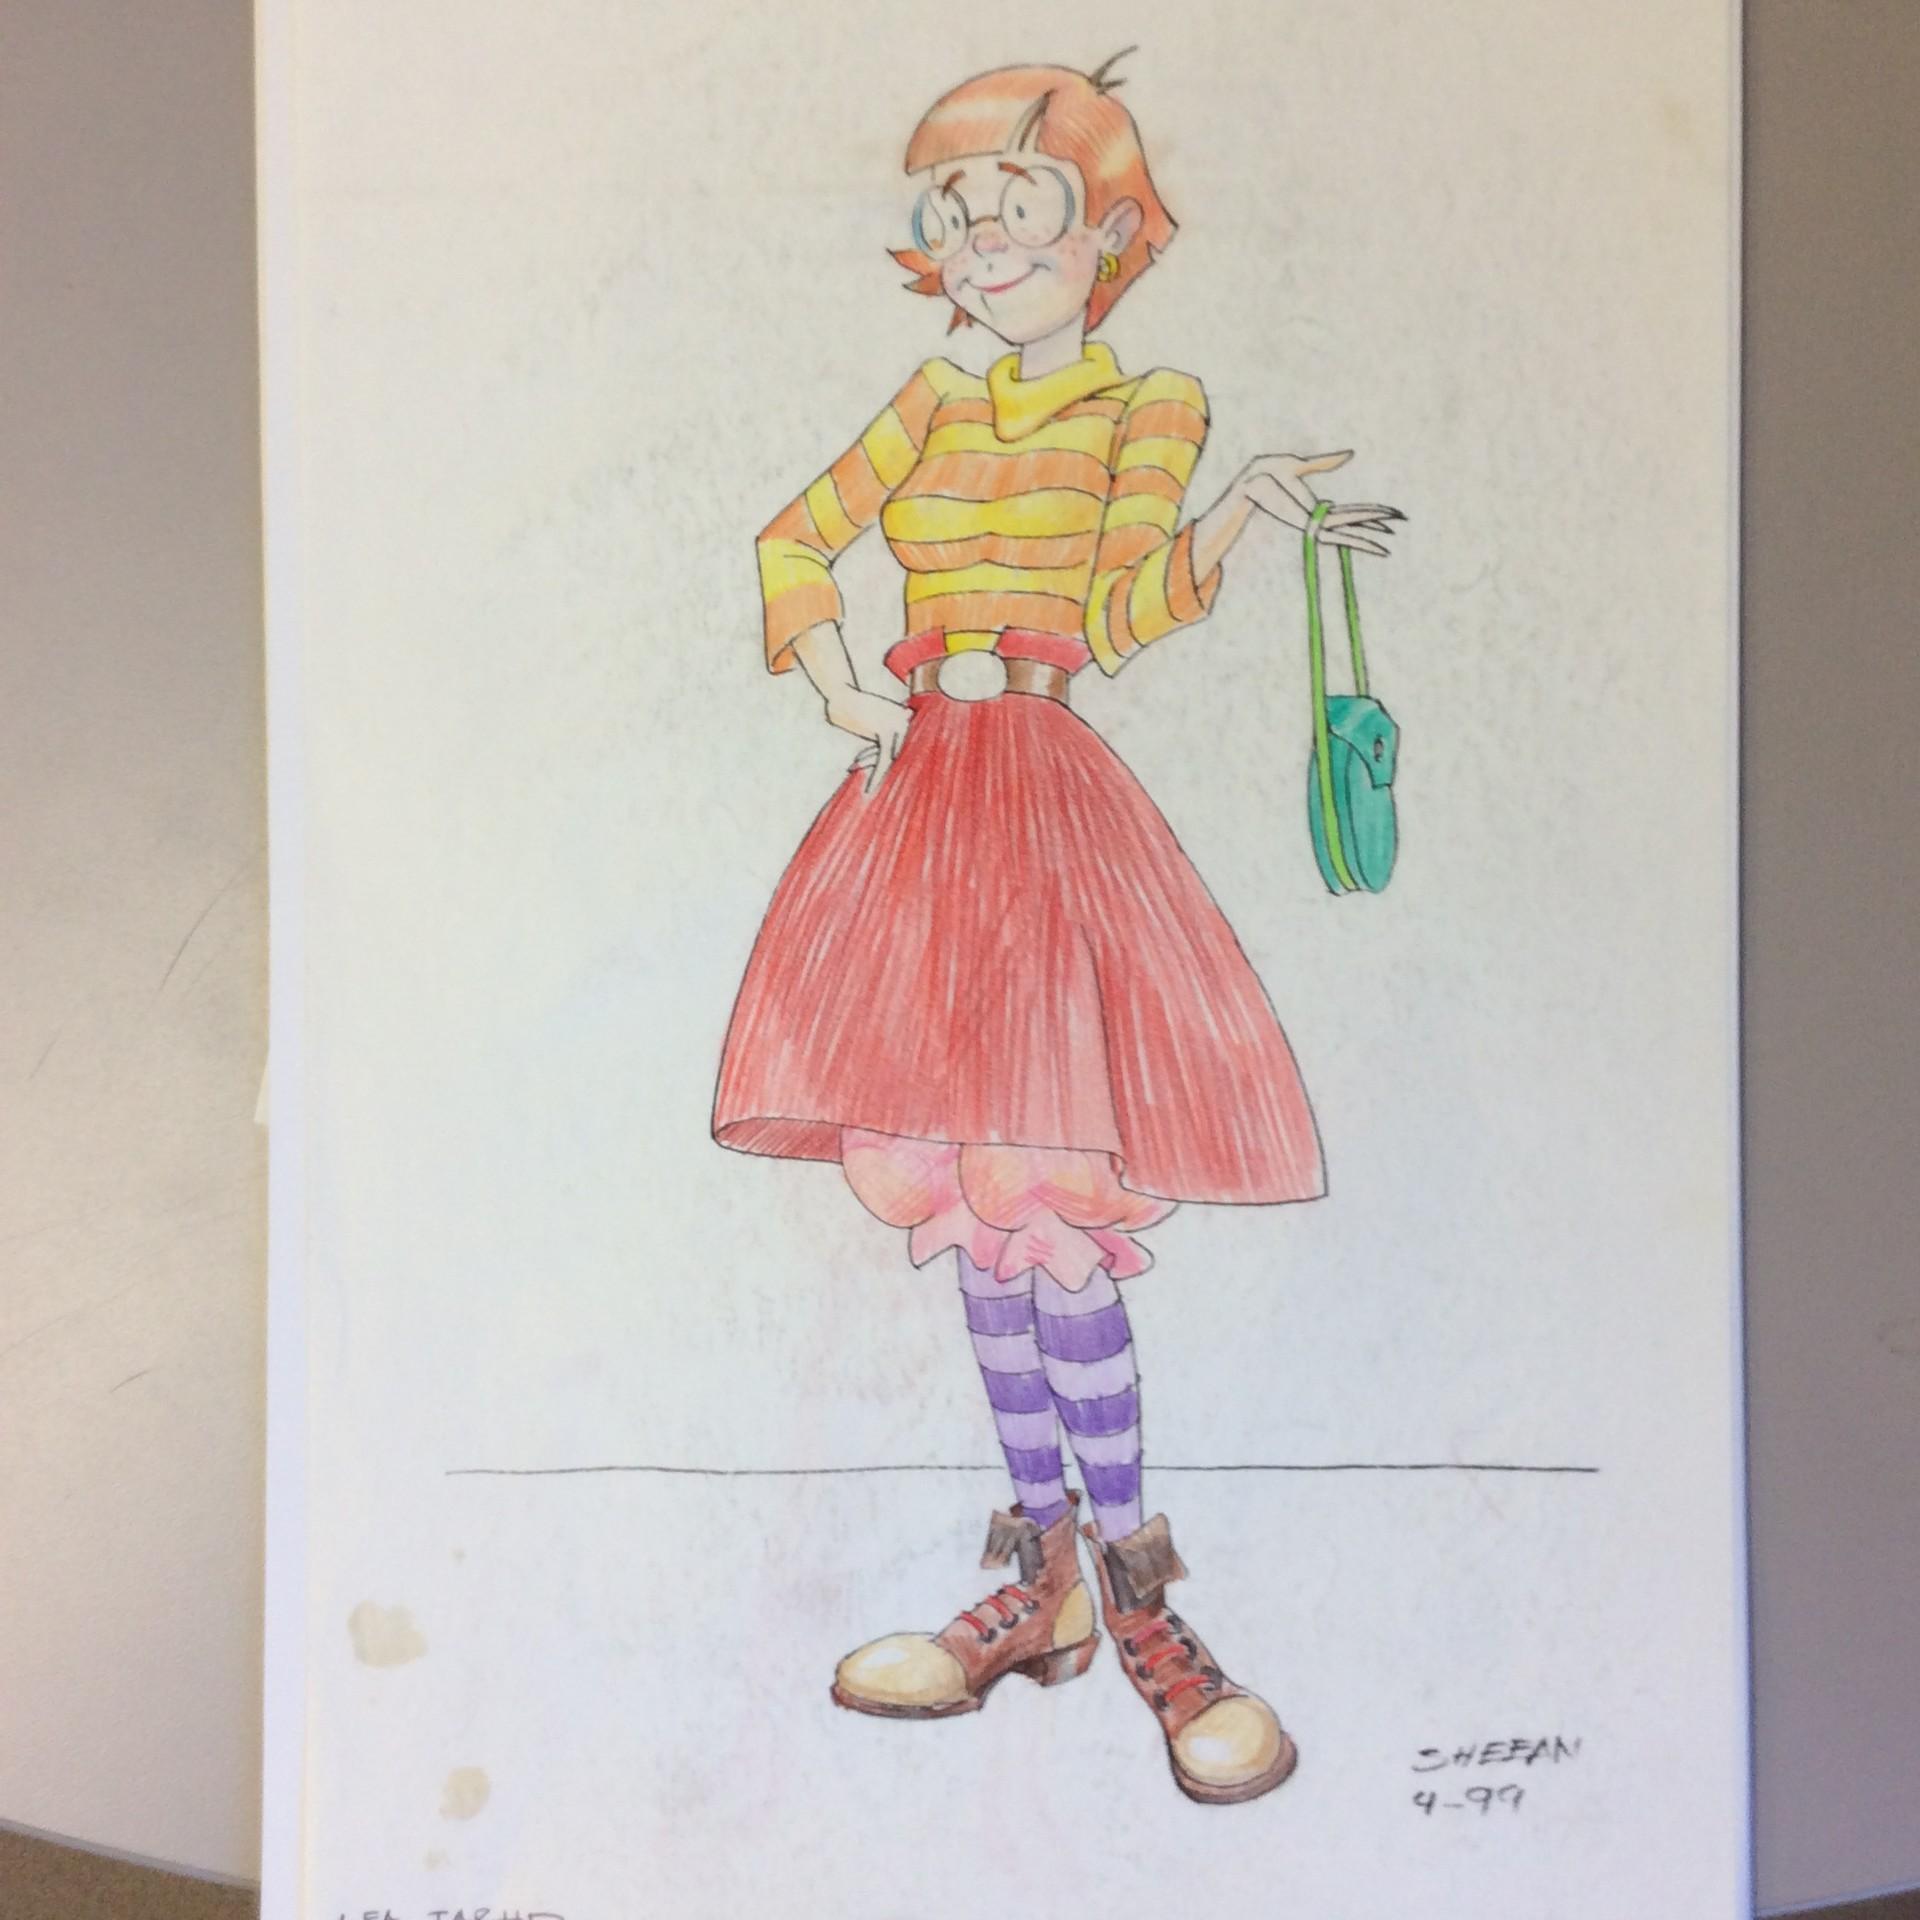 Artstation Art Class Project Donelson Sheean